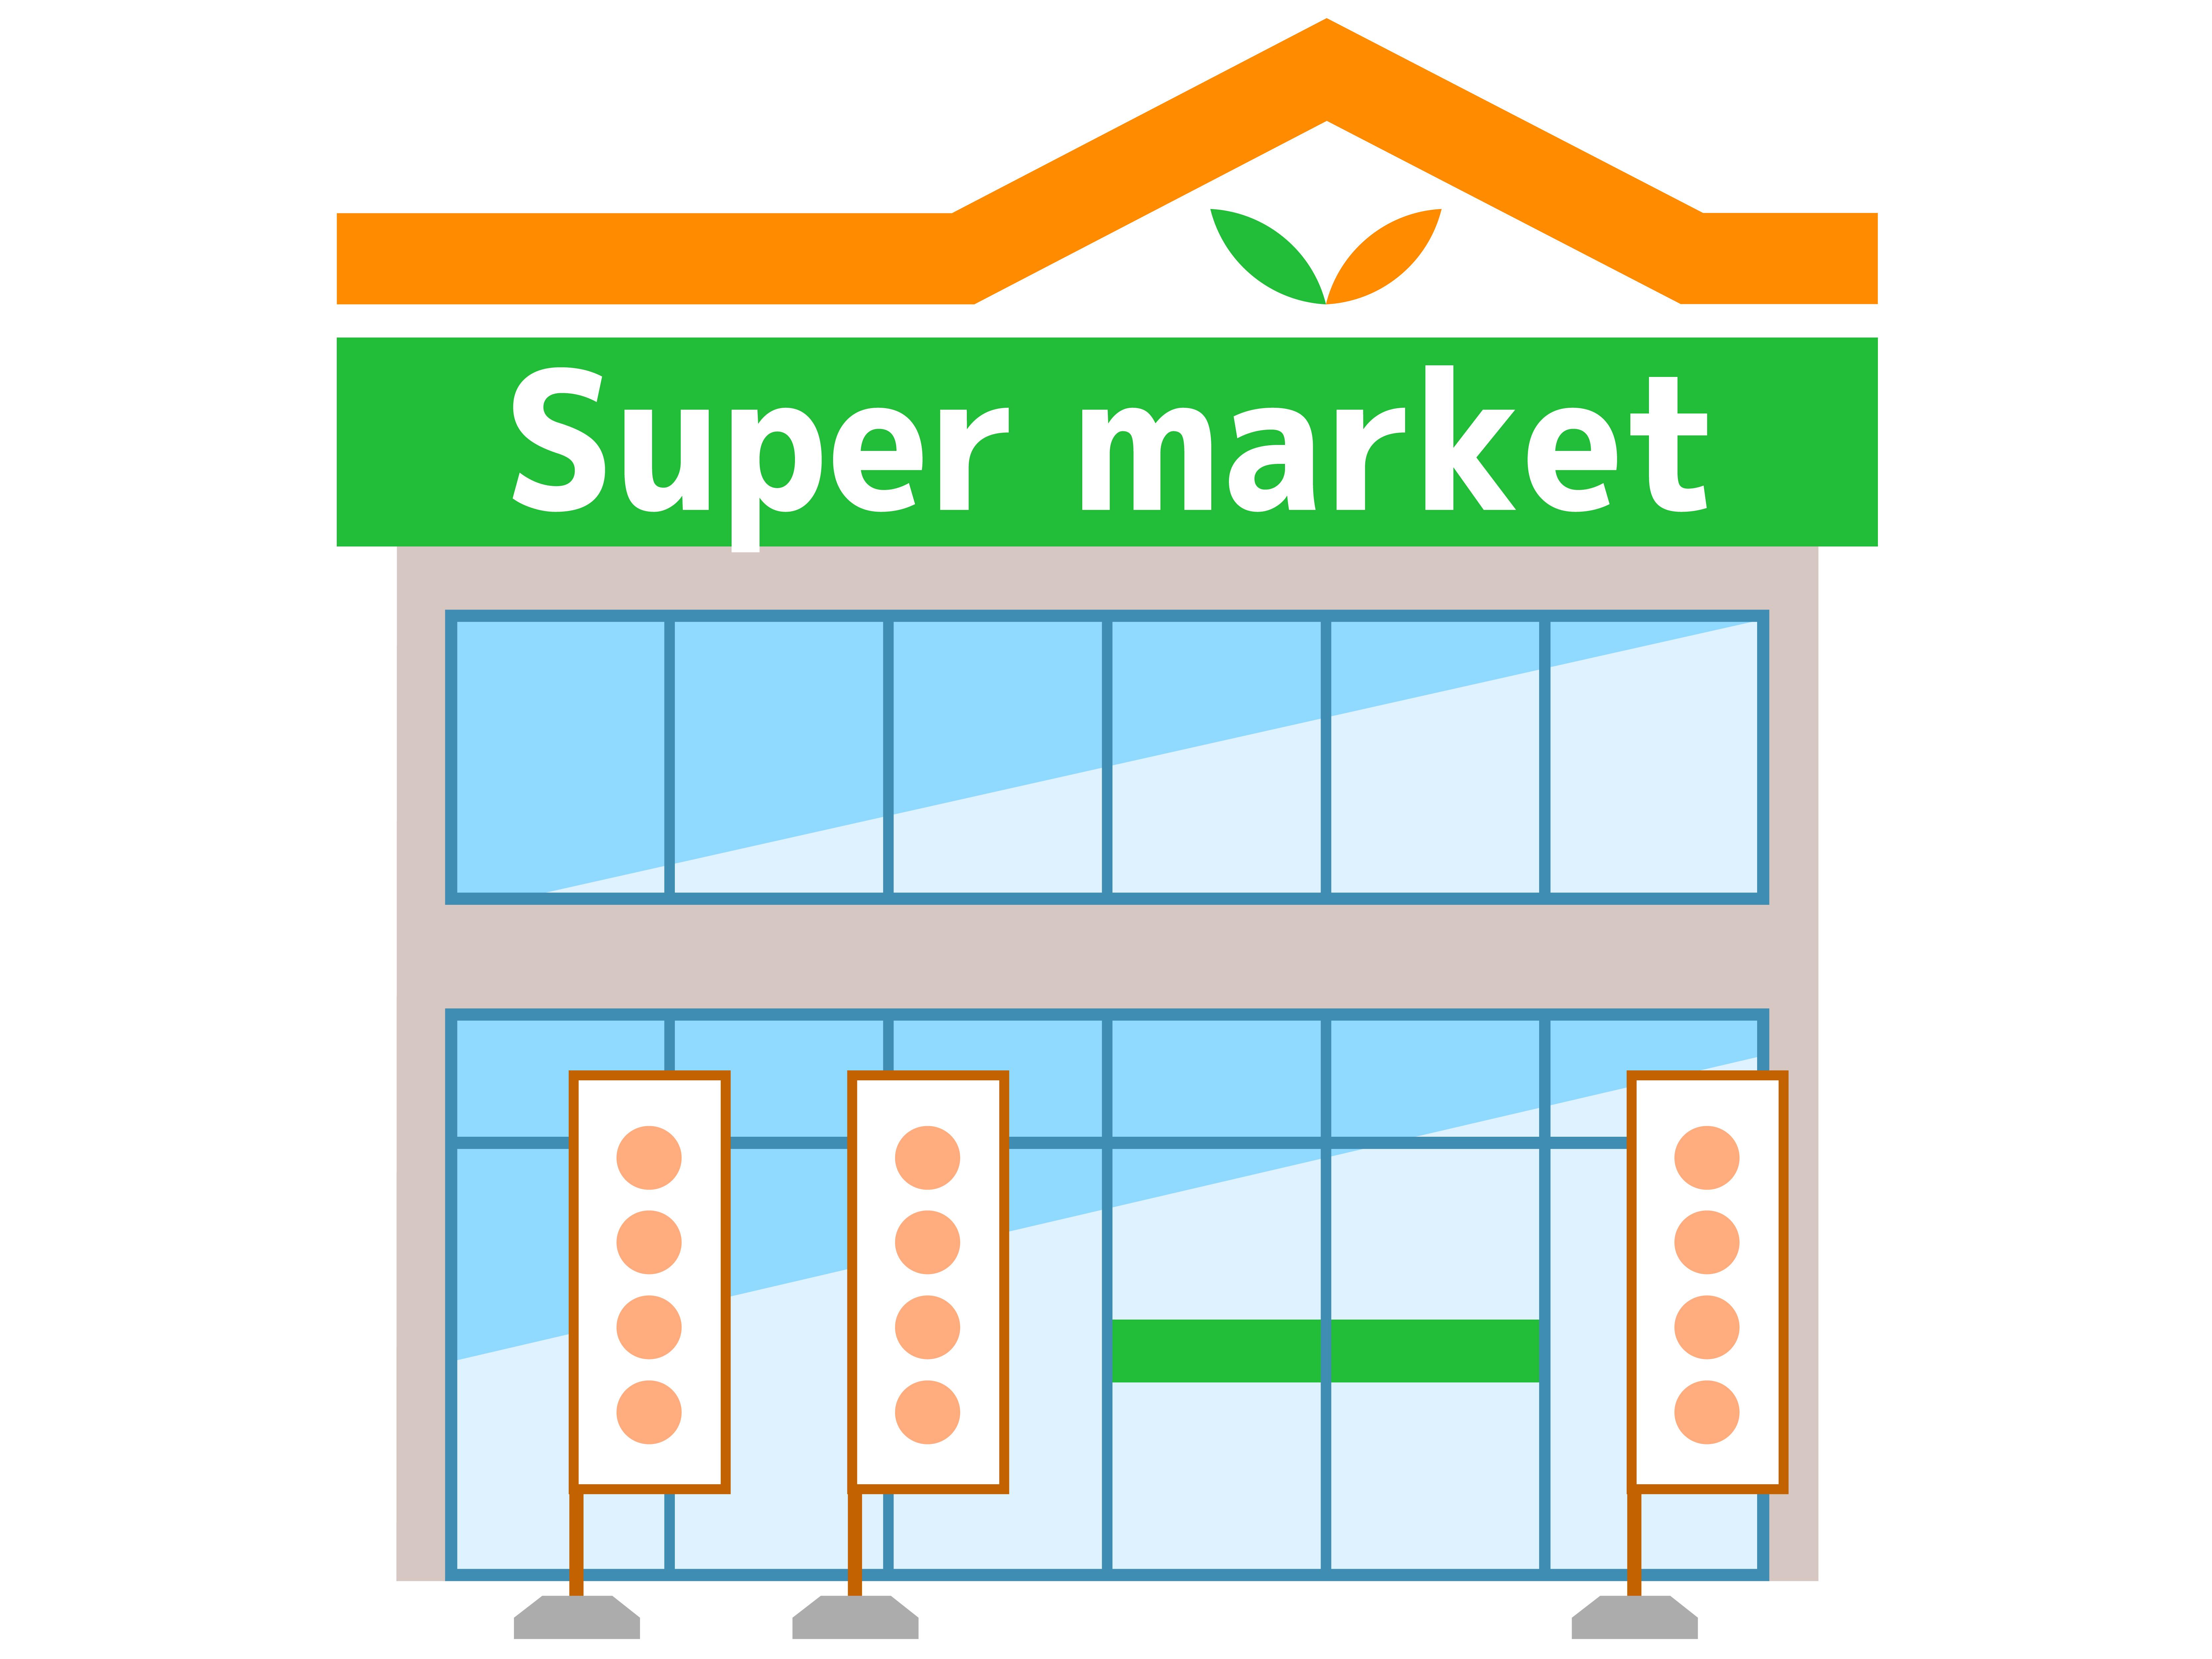 スーパーで働く上であったほうが良いアイテム6選!